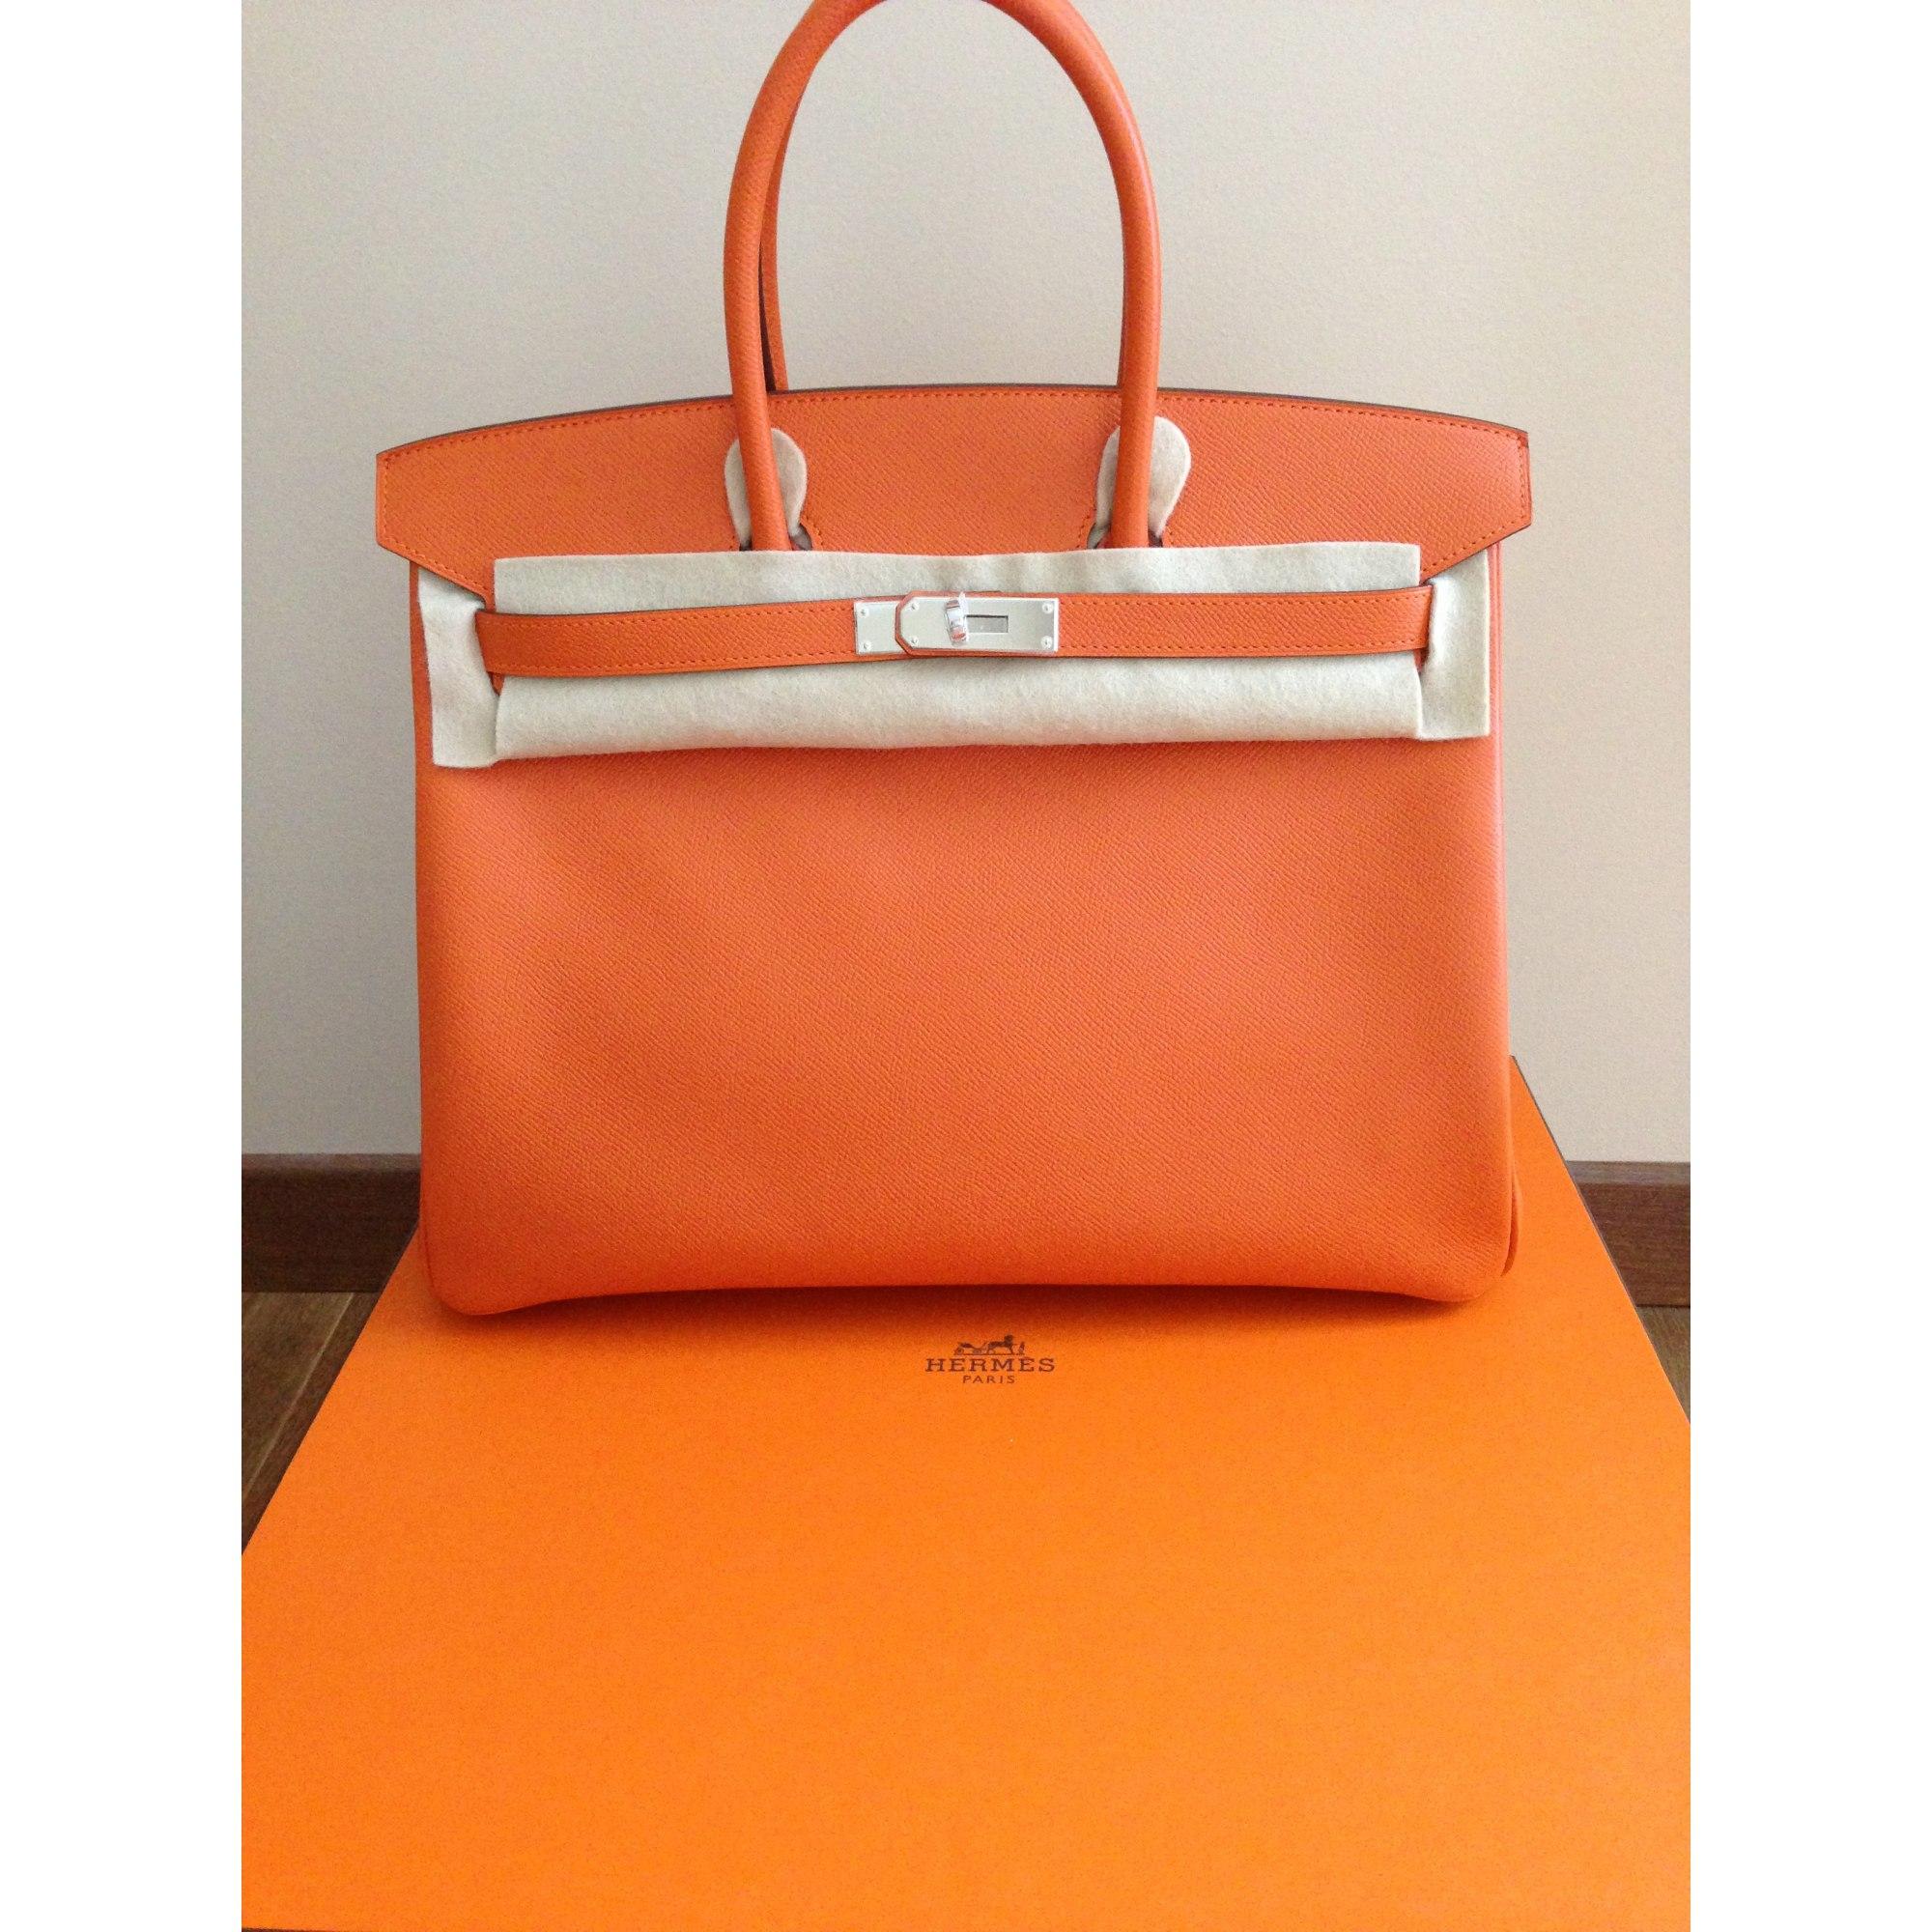 49f45f9afb Sac à main en cuir HERMÈS orange - 1523887